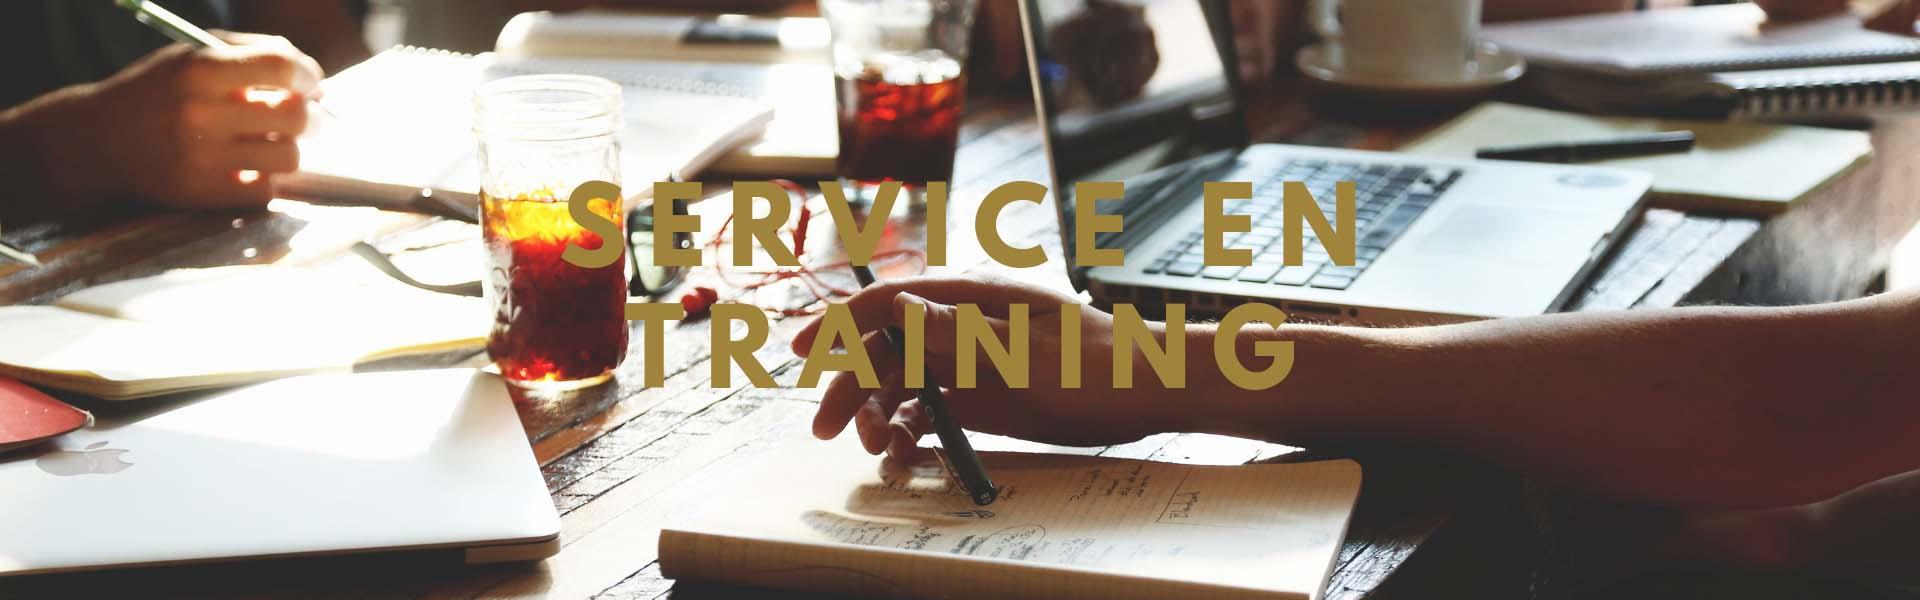 Service en training Forté